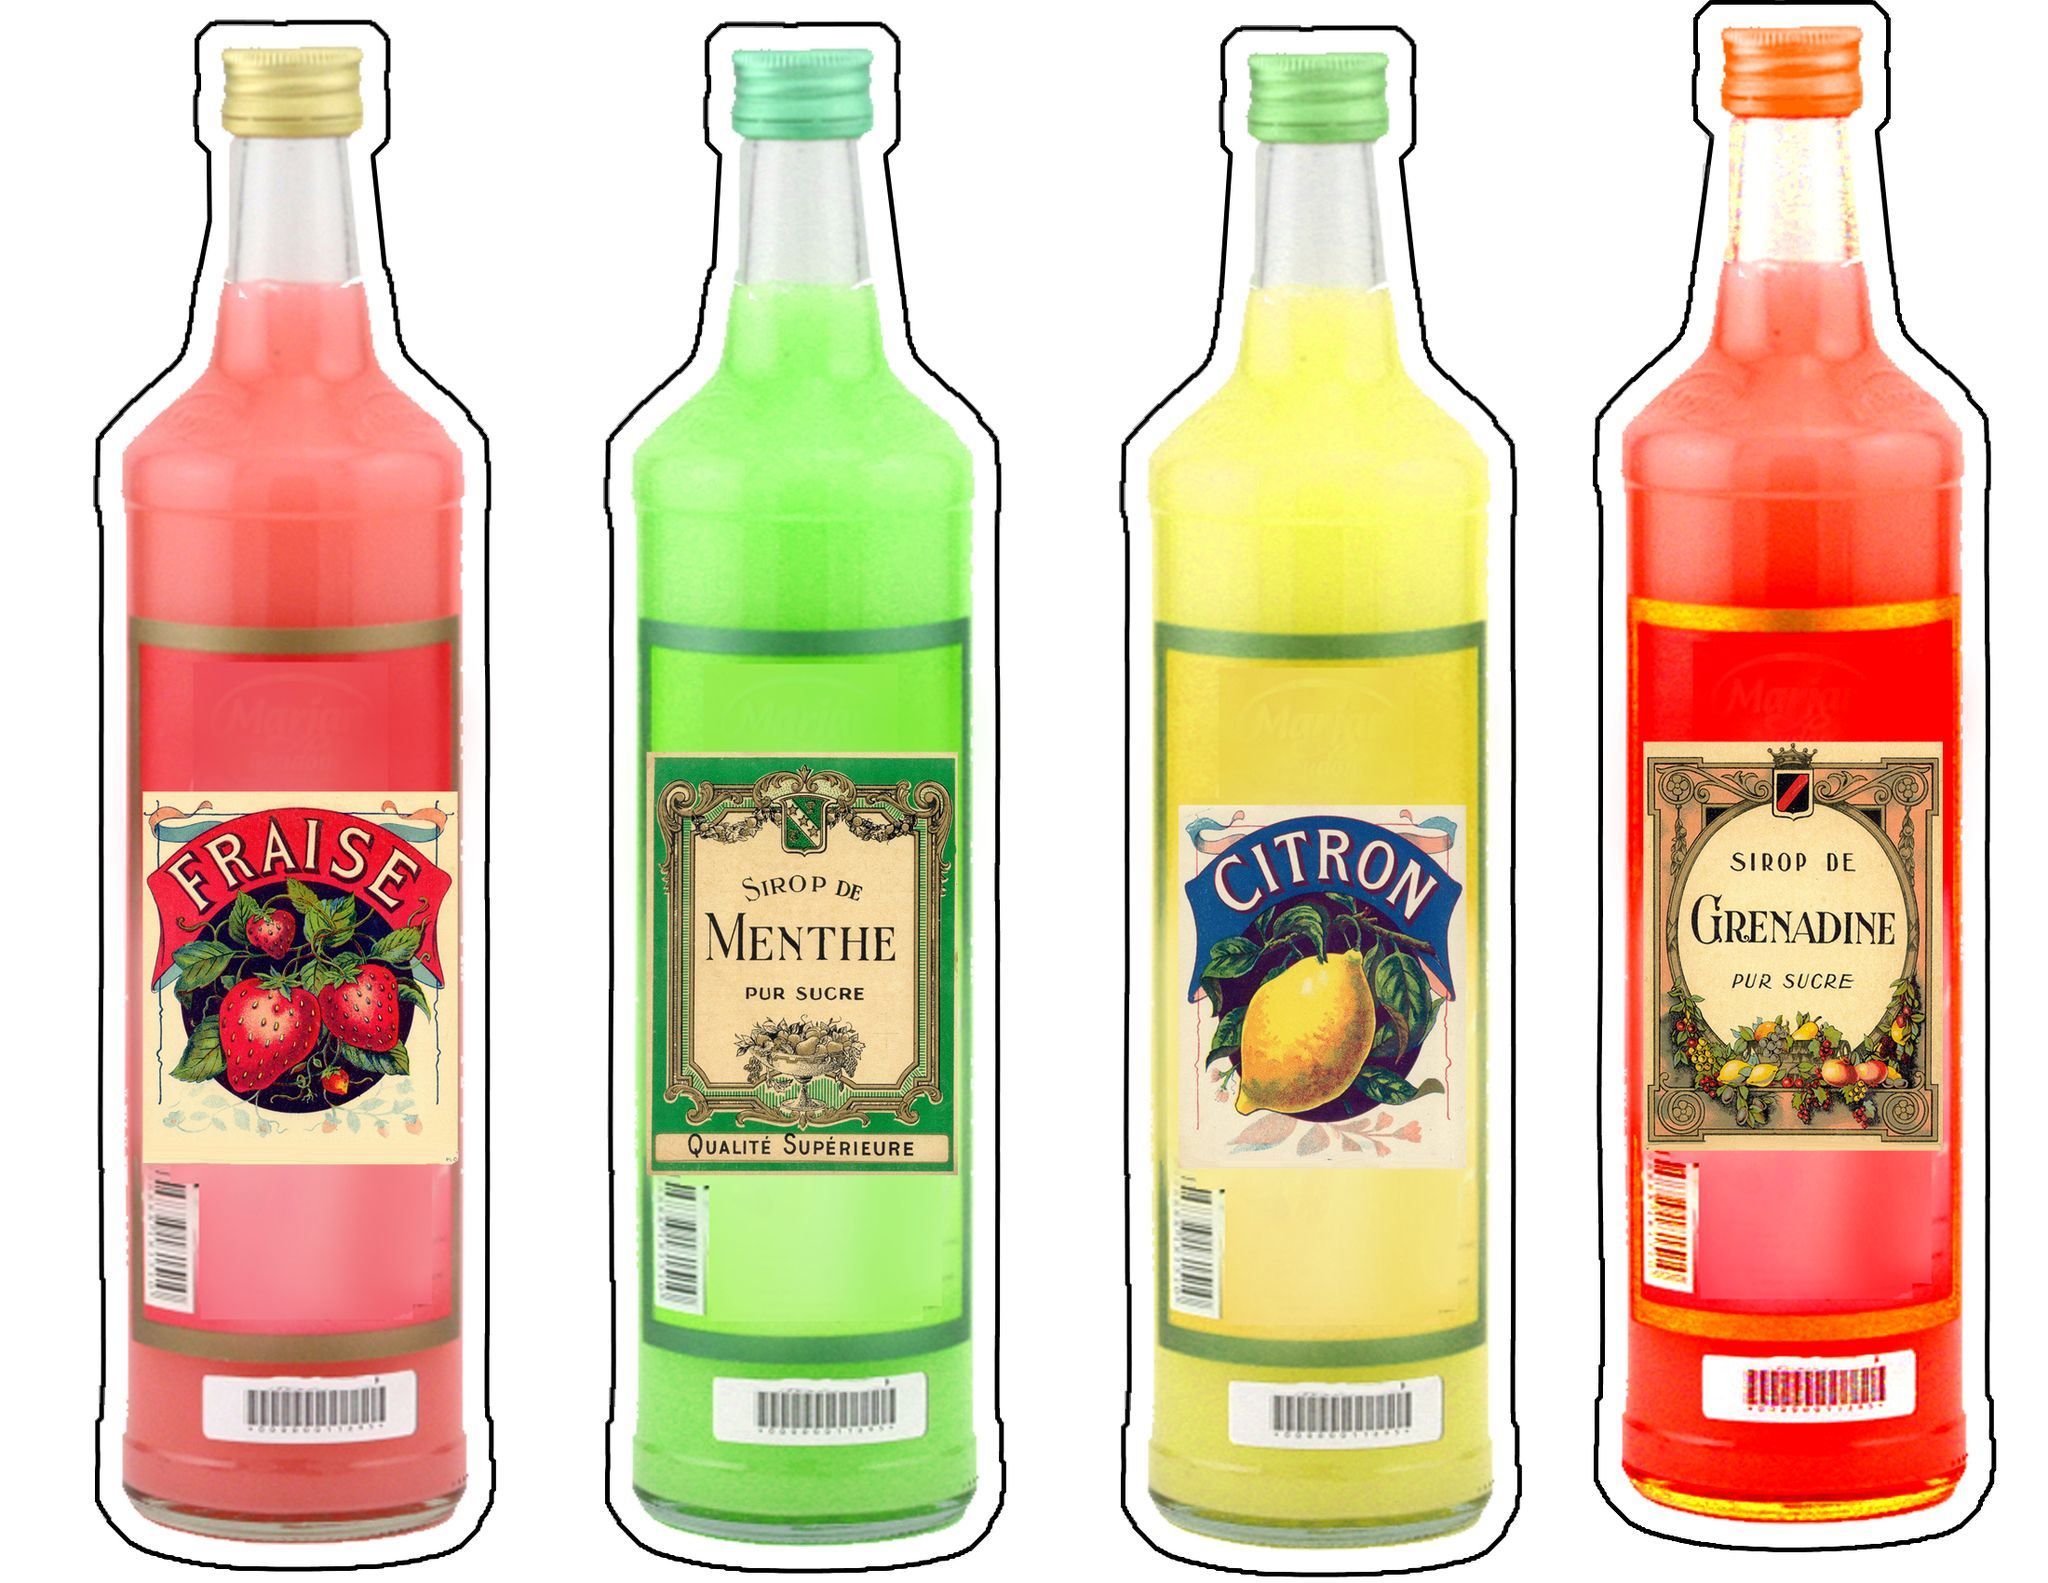 bouteilles_de_sirop